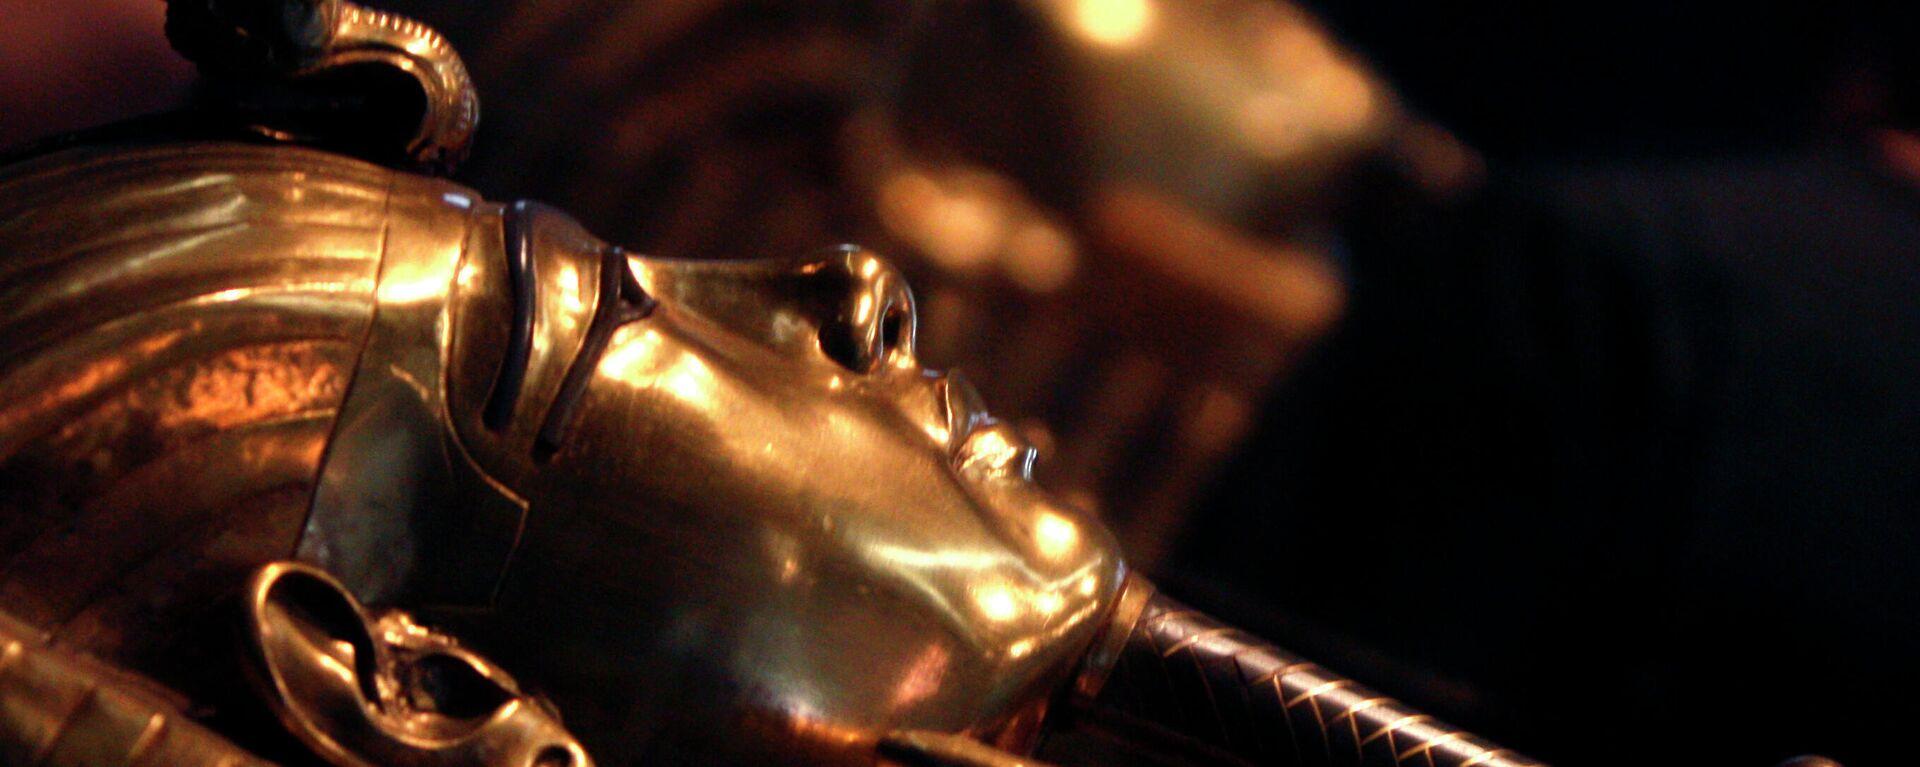 Uno de los famosos sarcófagos dorados del rey Tutankamón en el Museo Egipcio de El Cairo, Egipto - Sputnik Mundo, 1920, 25.03.2021